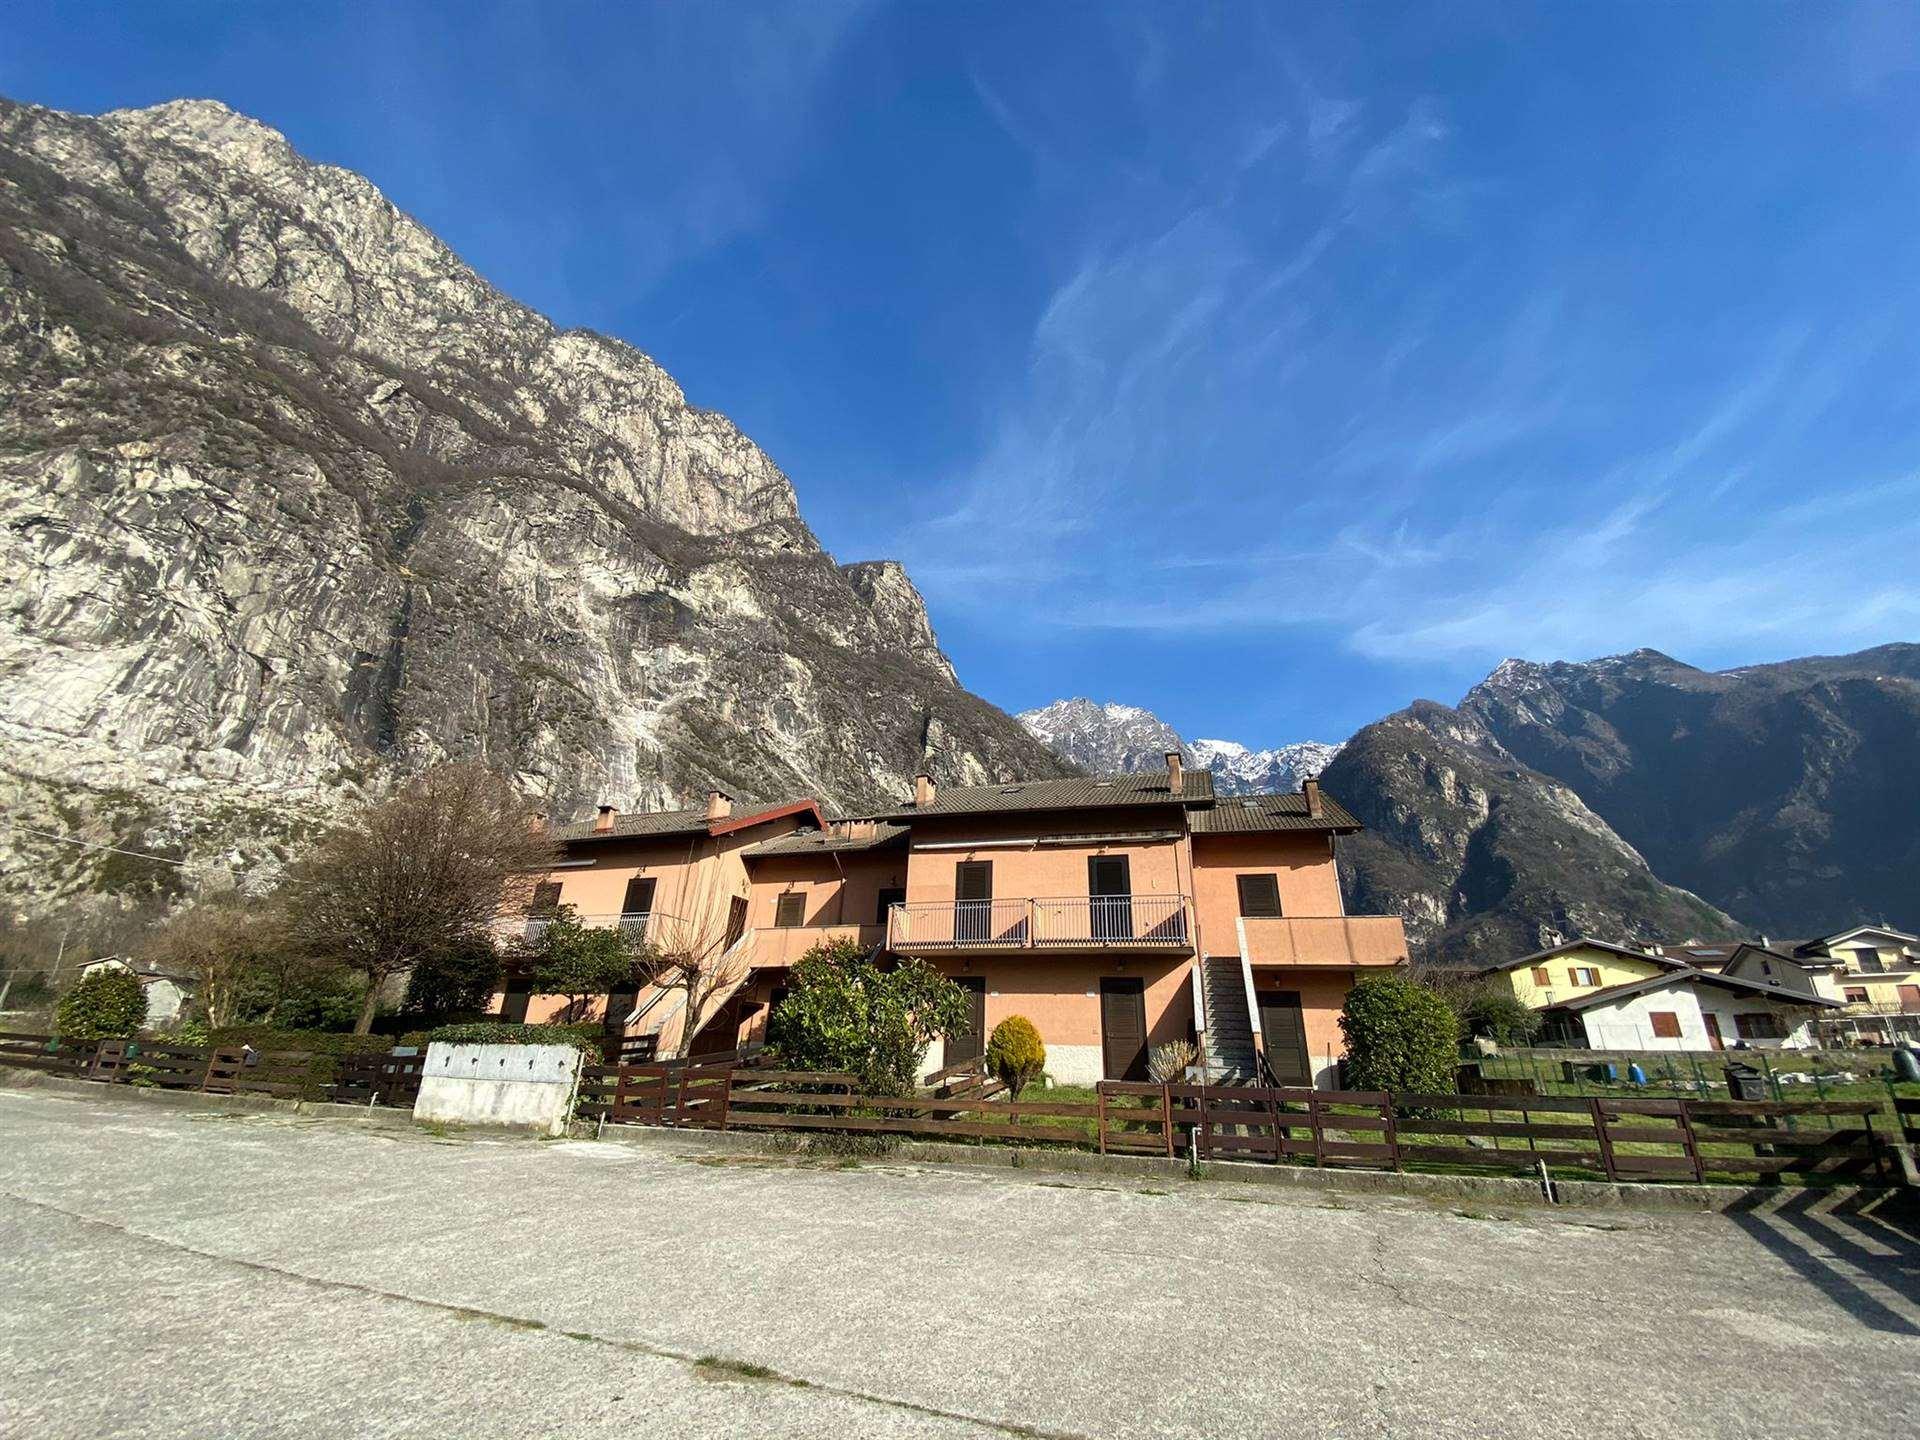 Appartamento in vendita a Novate Mezzola, 4 locali, prezzo € 140.000 | PortaleAgenzieImmobiliari.it